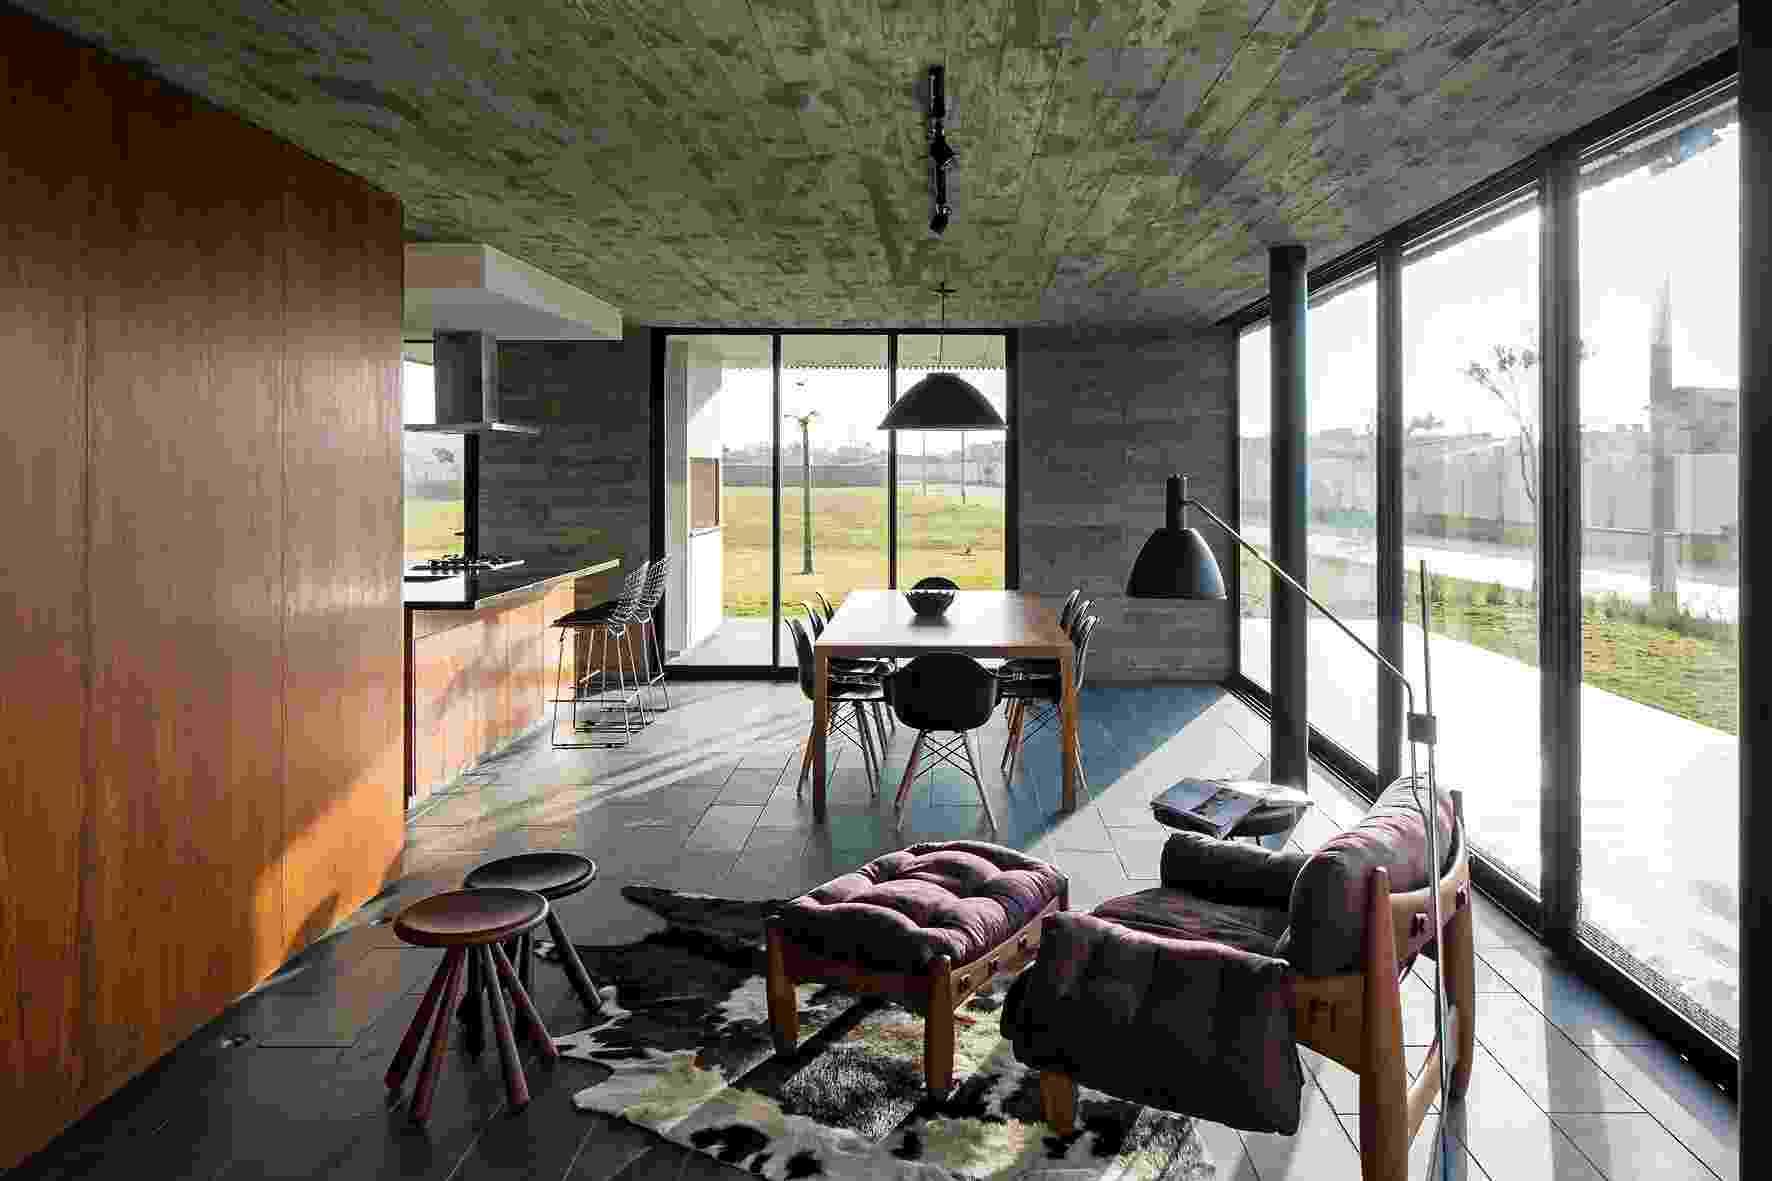 A transparência é a característica marcante da Casa Xan, projetada pelo escritório MAPA Architects, pois permite a integração entre interior e exterior através do fechamento em vidro, no pavimento térreo. O living reúne estar, jantar e cozinha e, ao fundo, é possível avistar a varanda com churrasqueira - Leonardo Finotti/ UOL